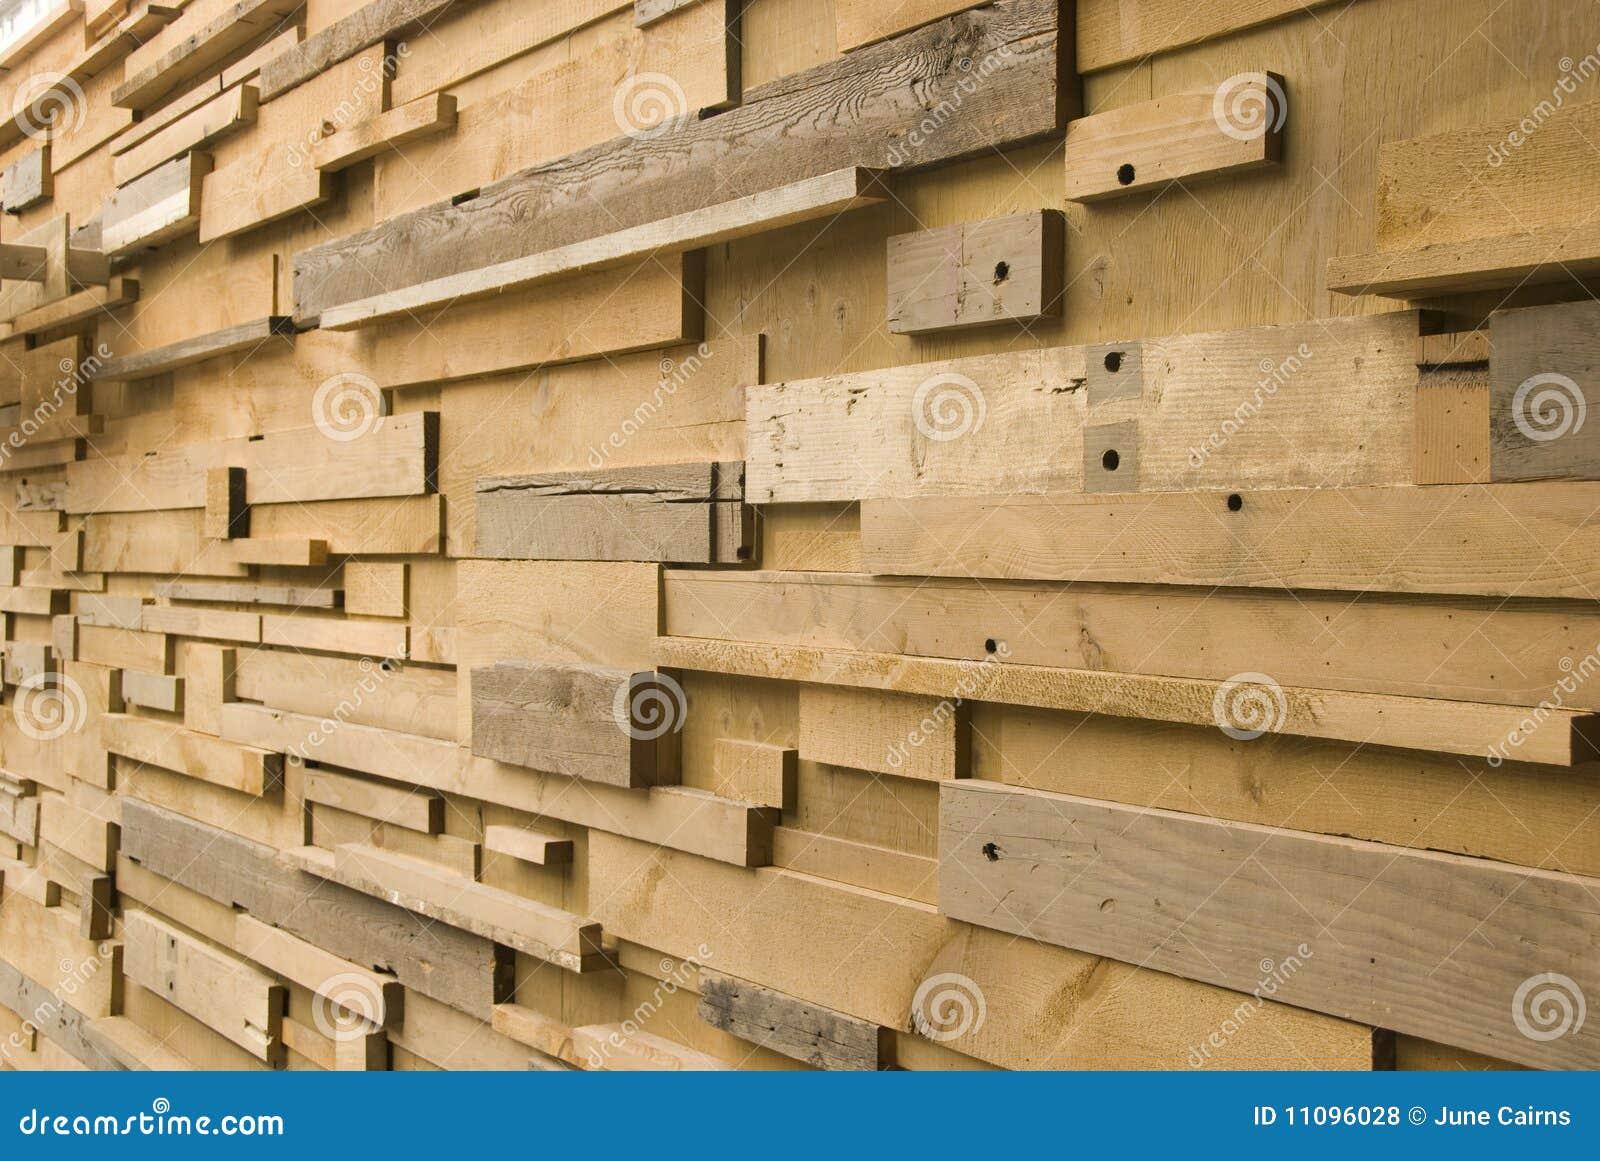 Muur die van verschillende grootte van gesneden hout wordt gemaakt.